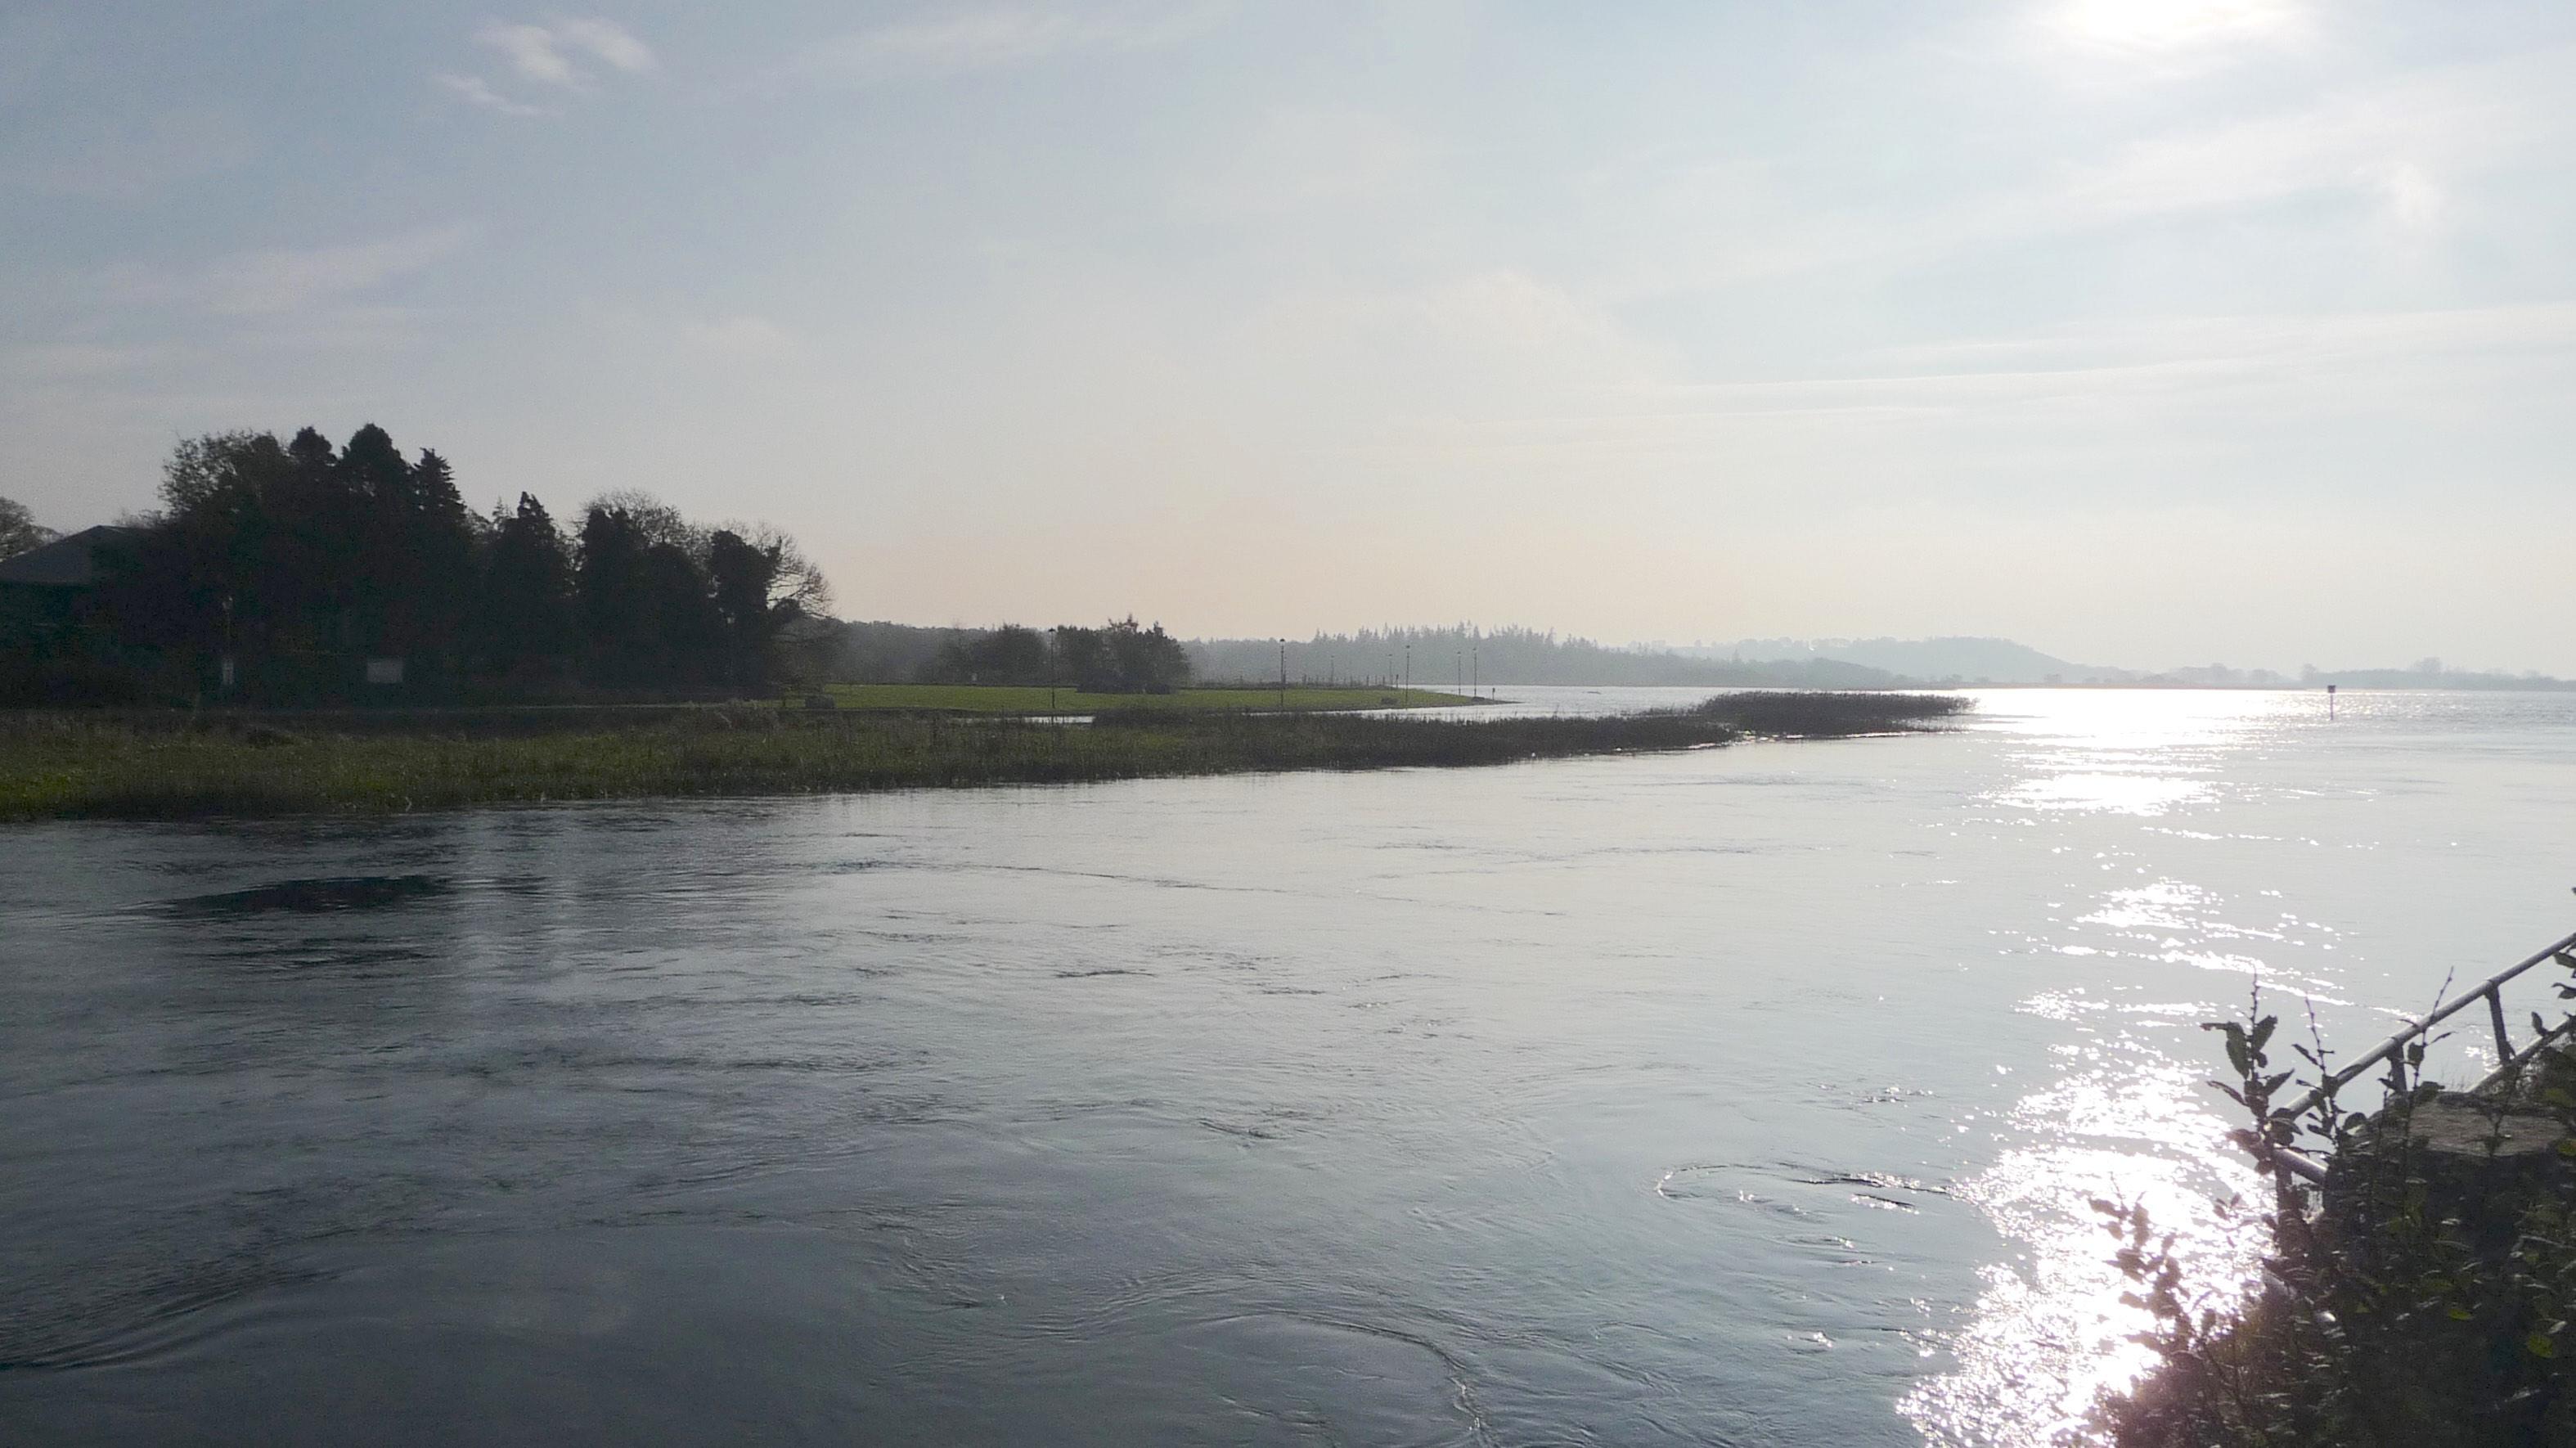 6.Lough Ree